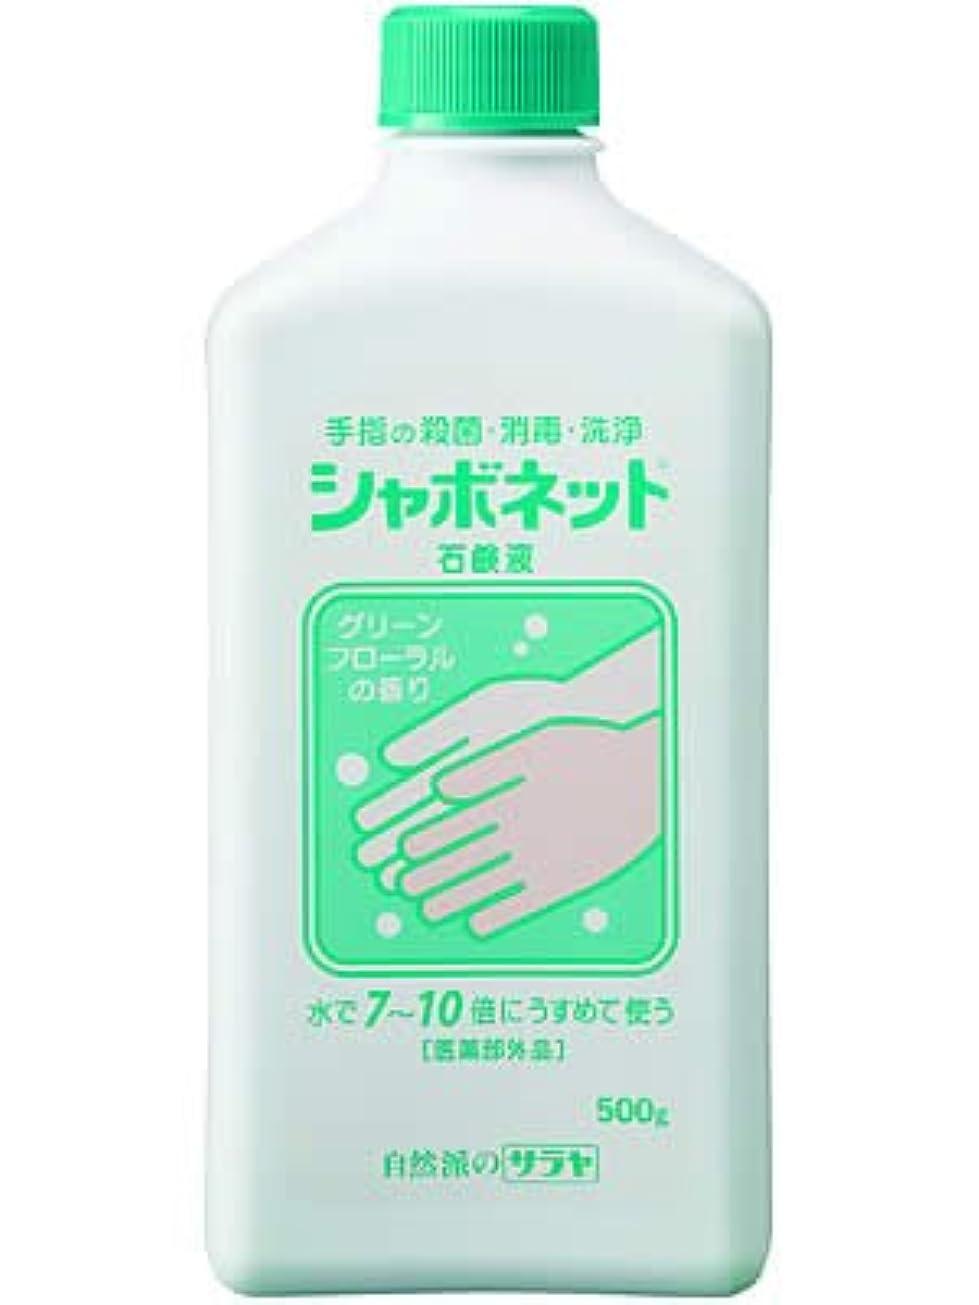 構成する面ペフシャボネット 石鹸液 500g ×5個セット